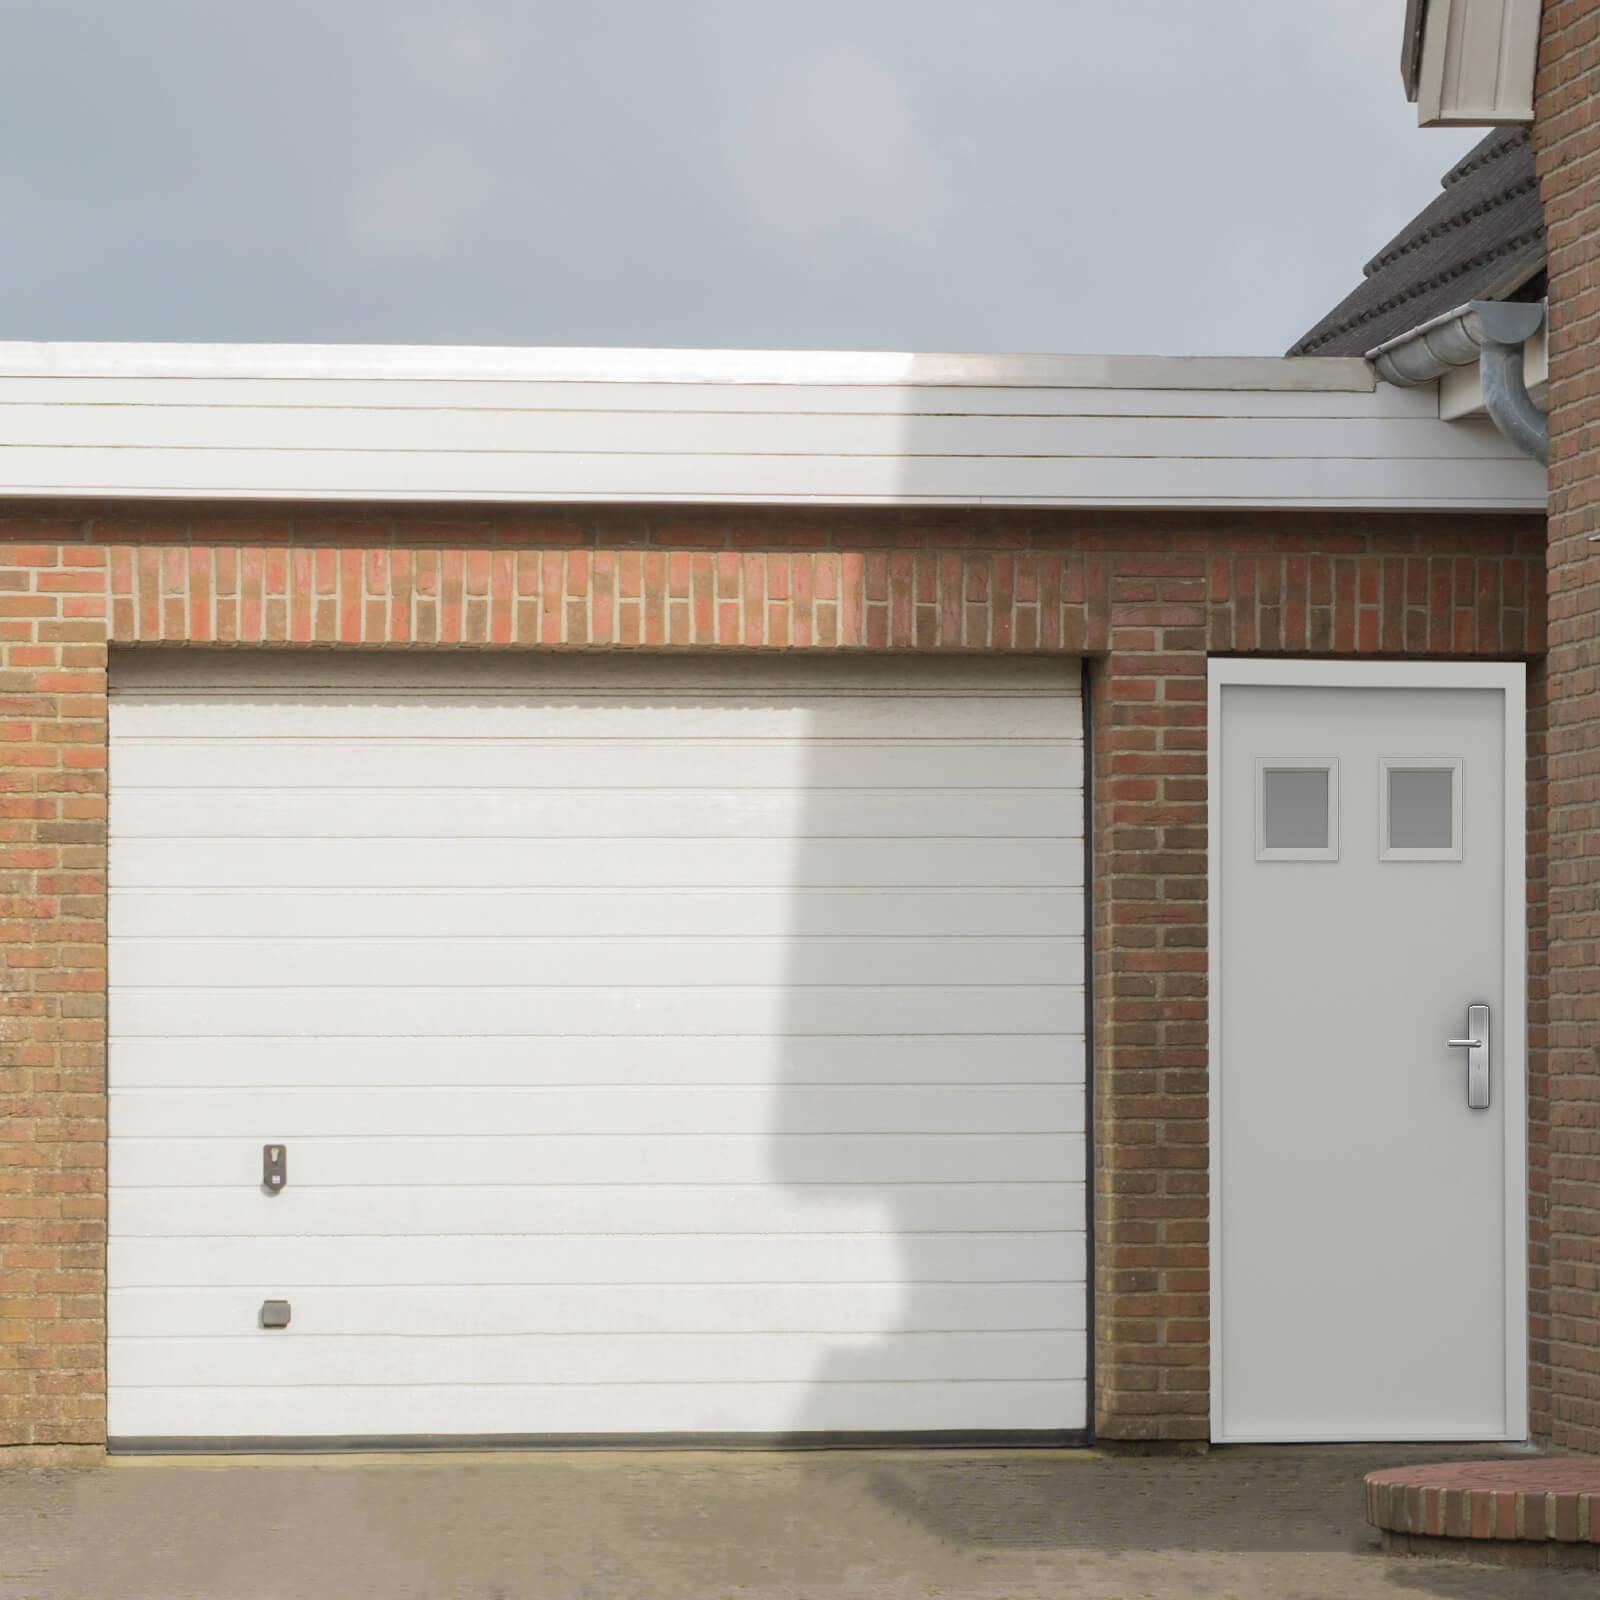 Modern Garage Doors In An Astonishing Protection: Security Garage Side Door